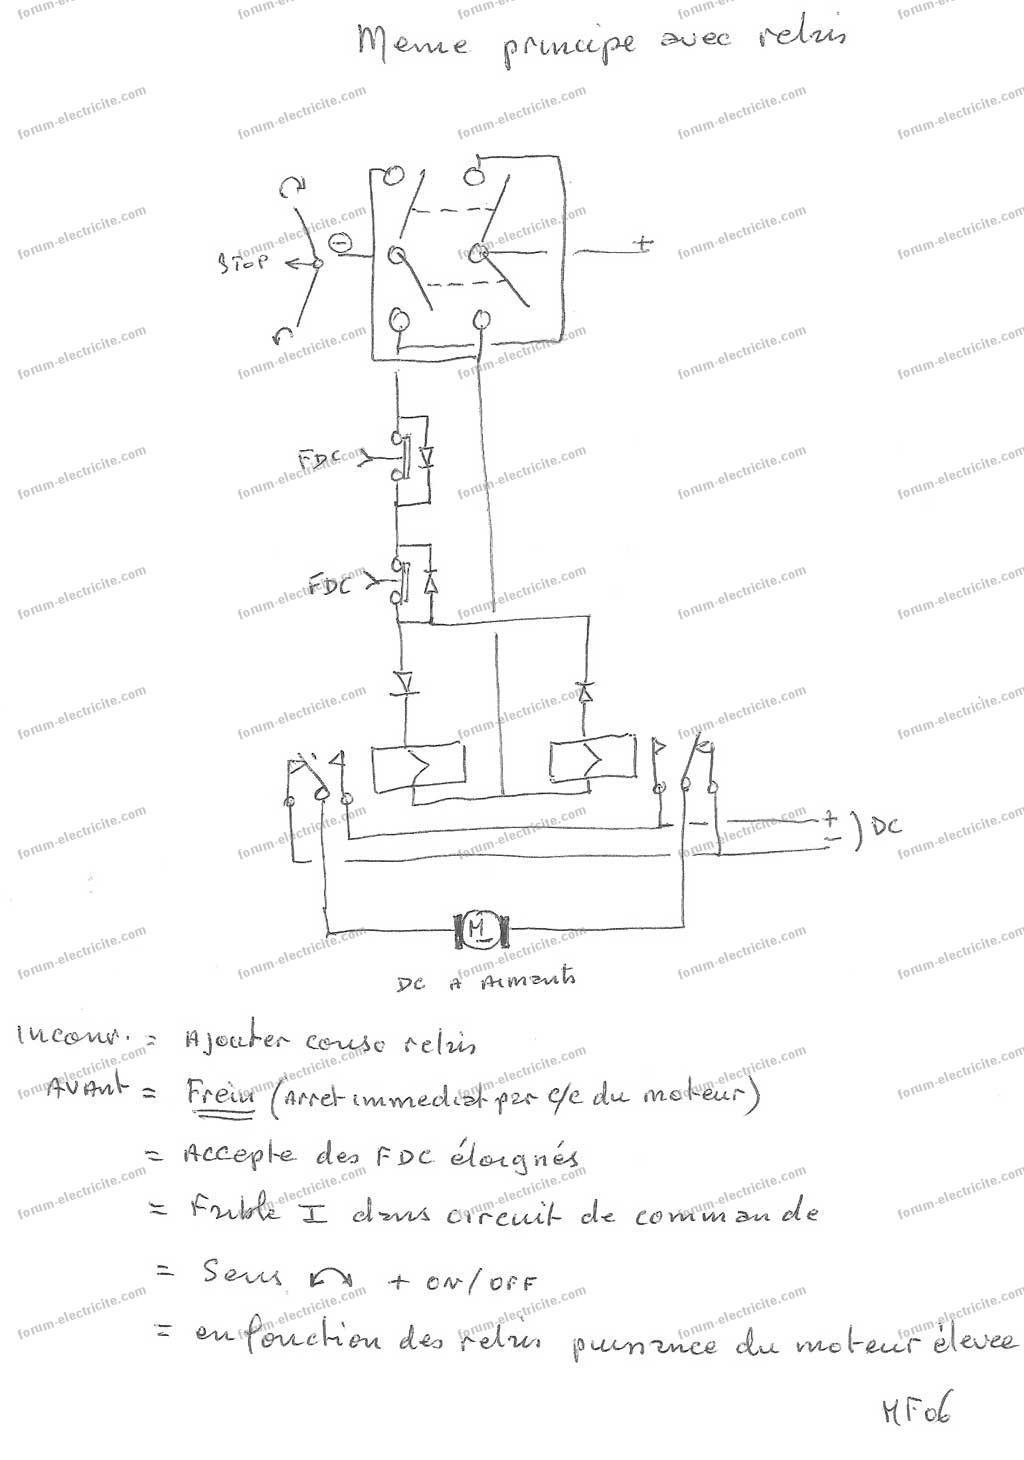 schéma électronique moteur de portail